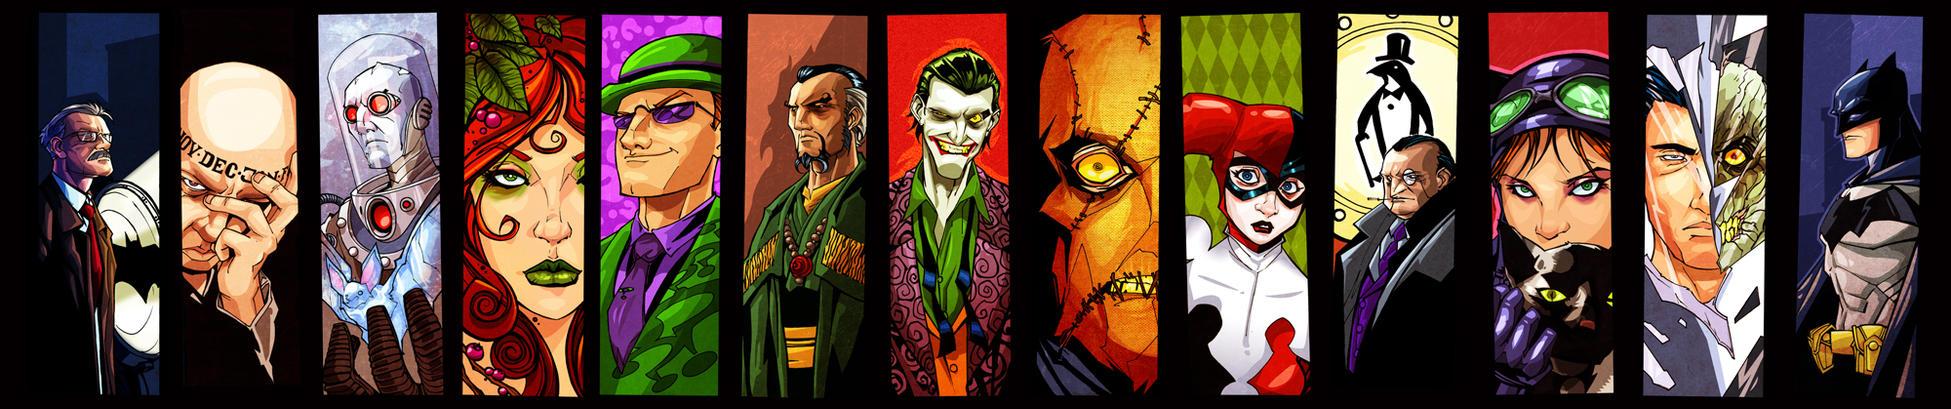 Gotham Icons: Complete set. by Joey-Zero